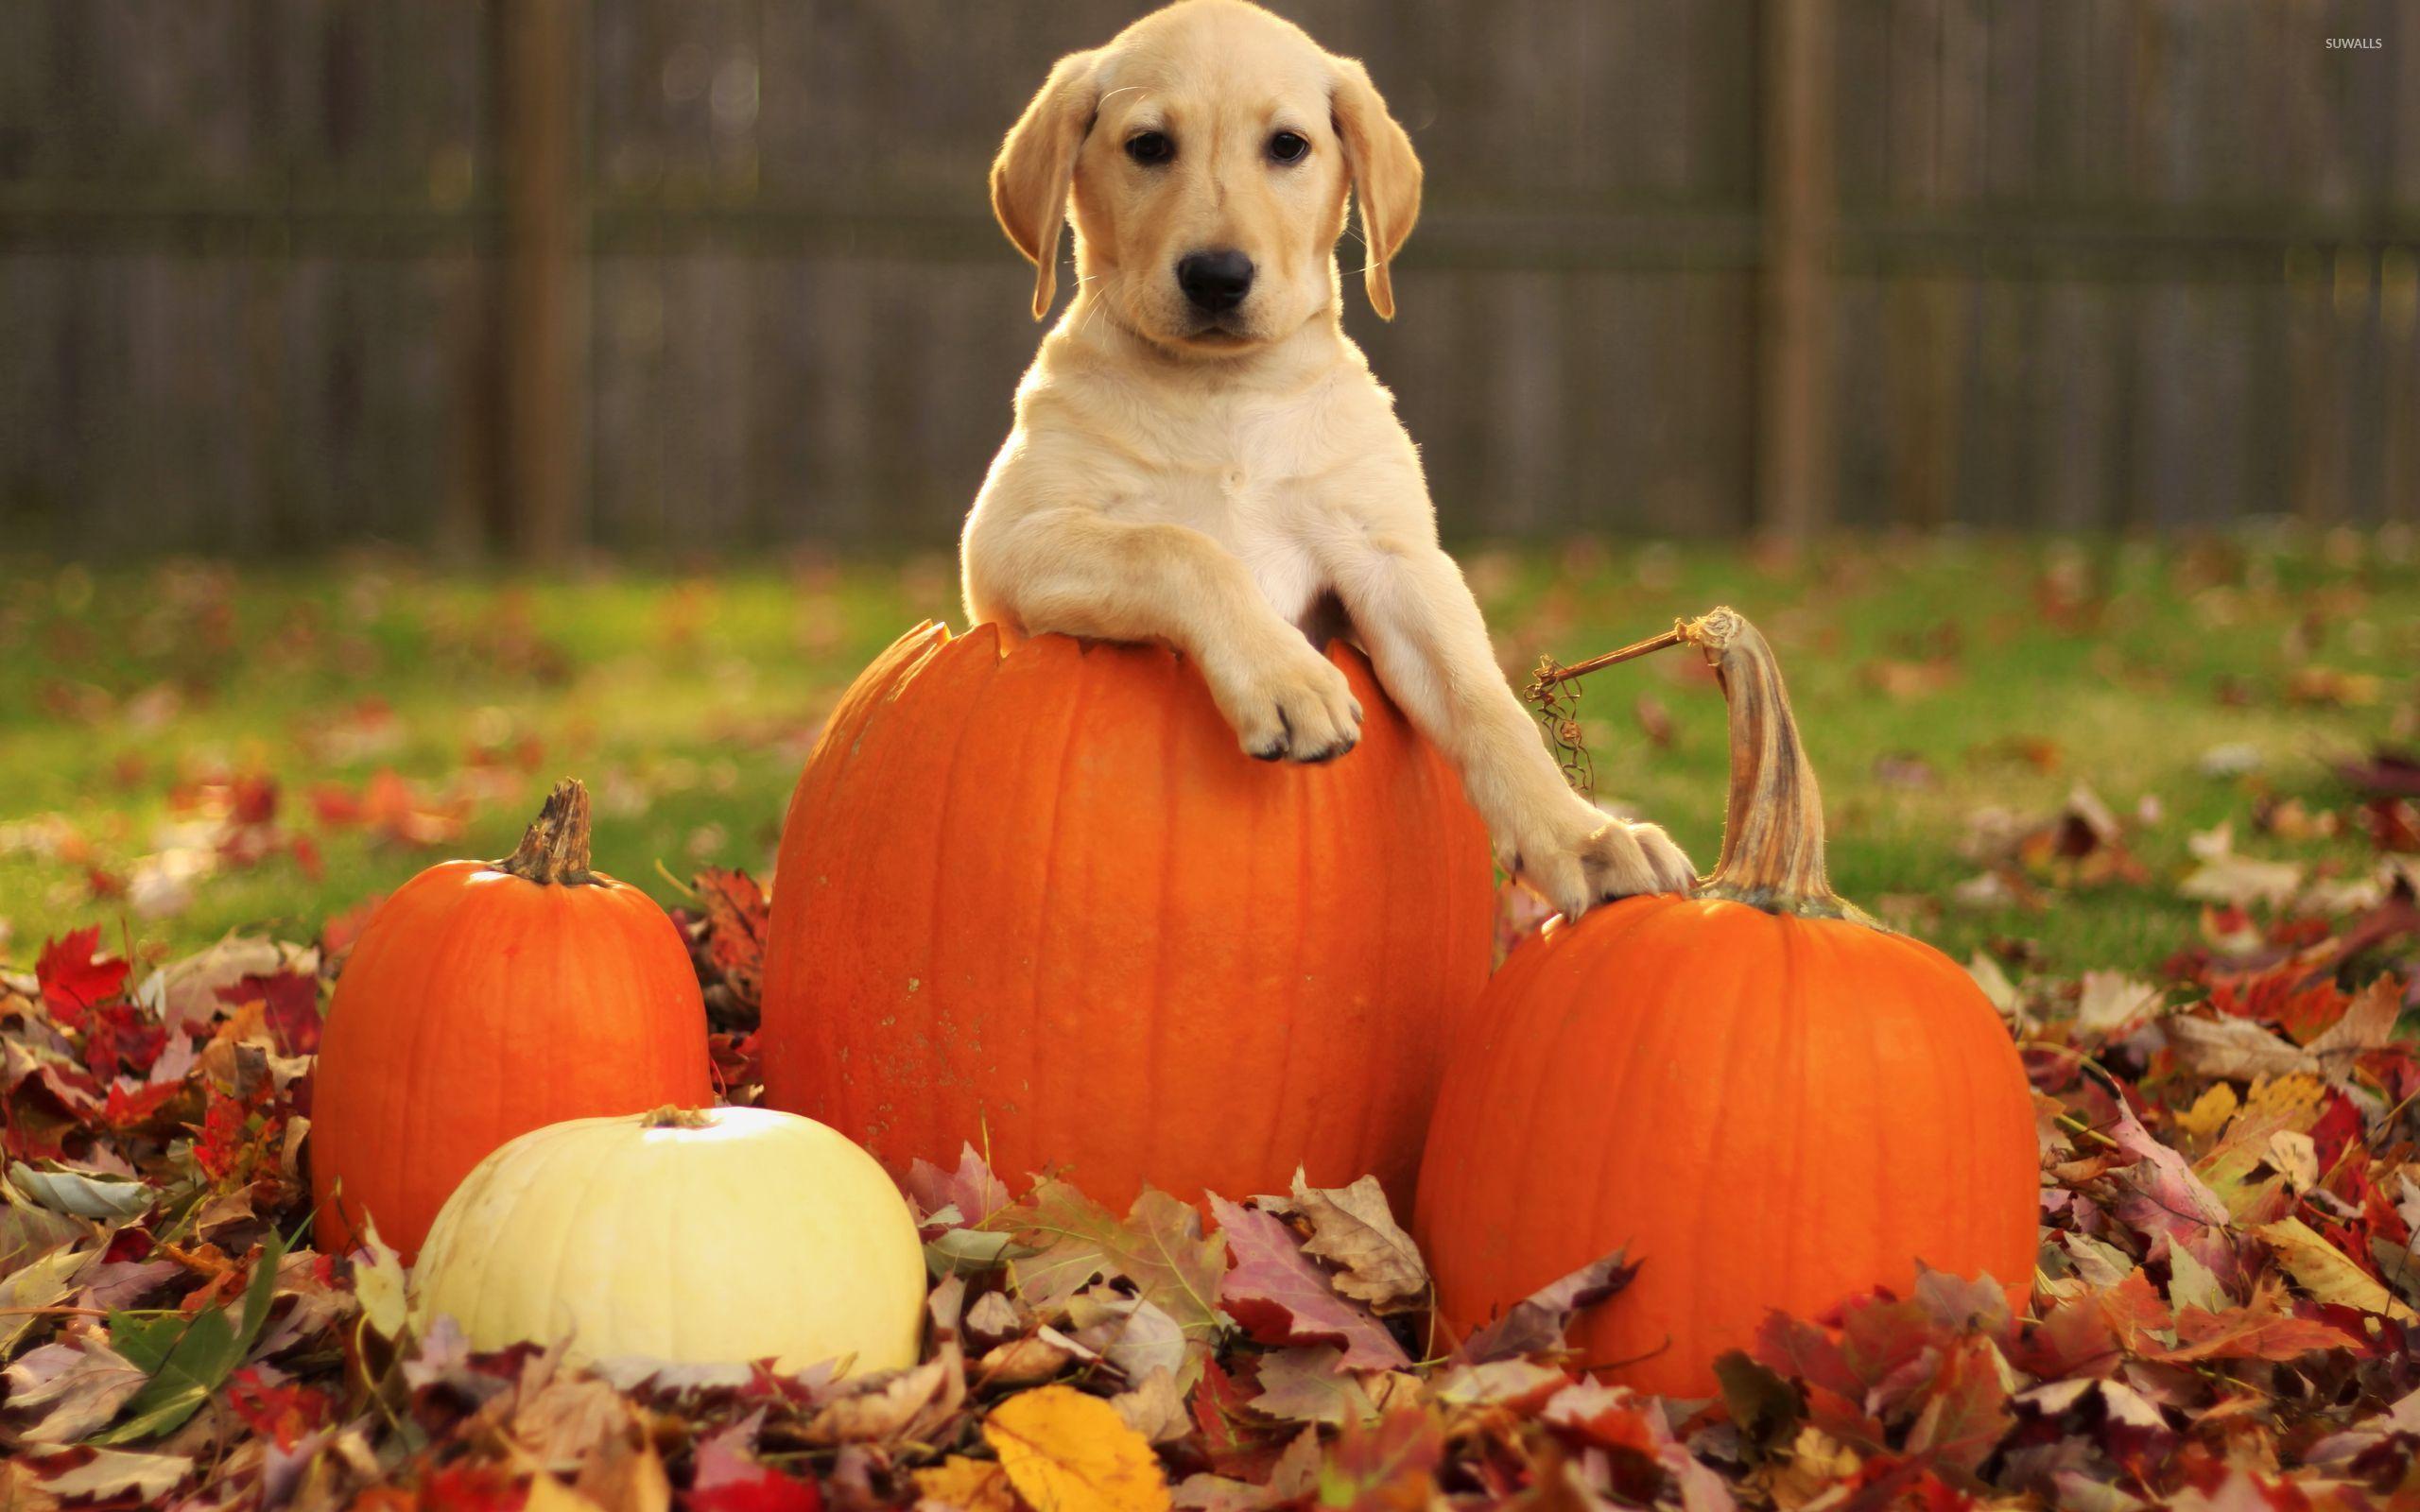 Top Wallpaper Halloween Puppy - golden-retriever-on-the-pumpkins-48649-2560x1600  Picture_744743.jpg